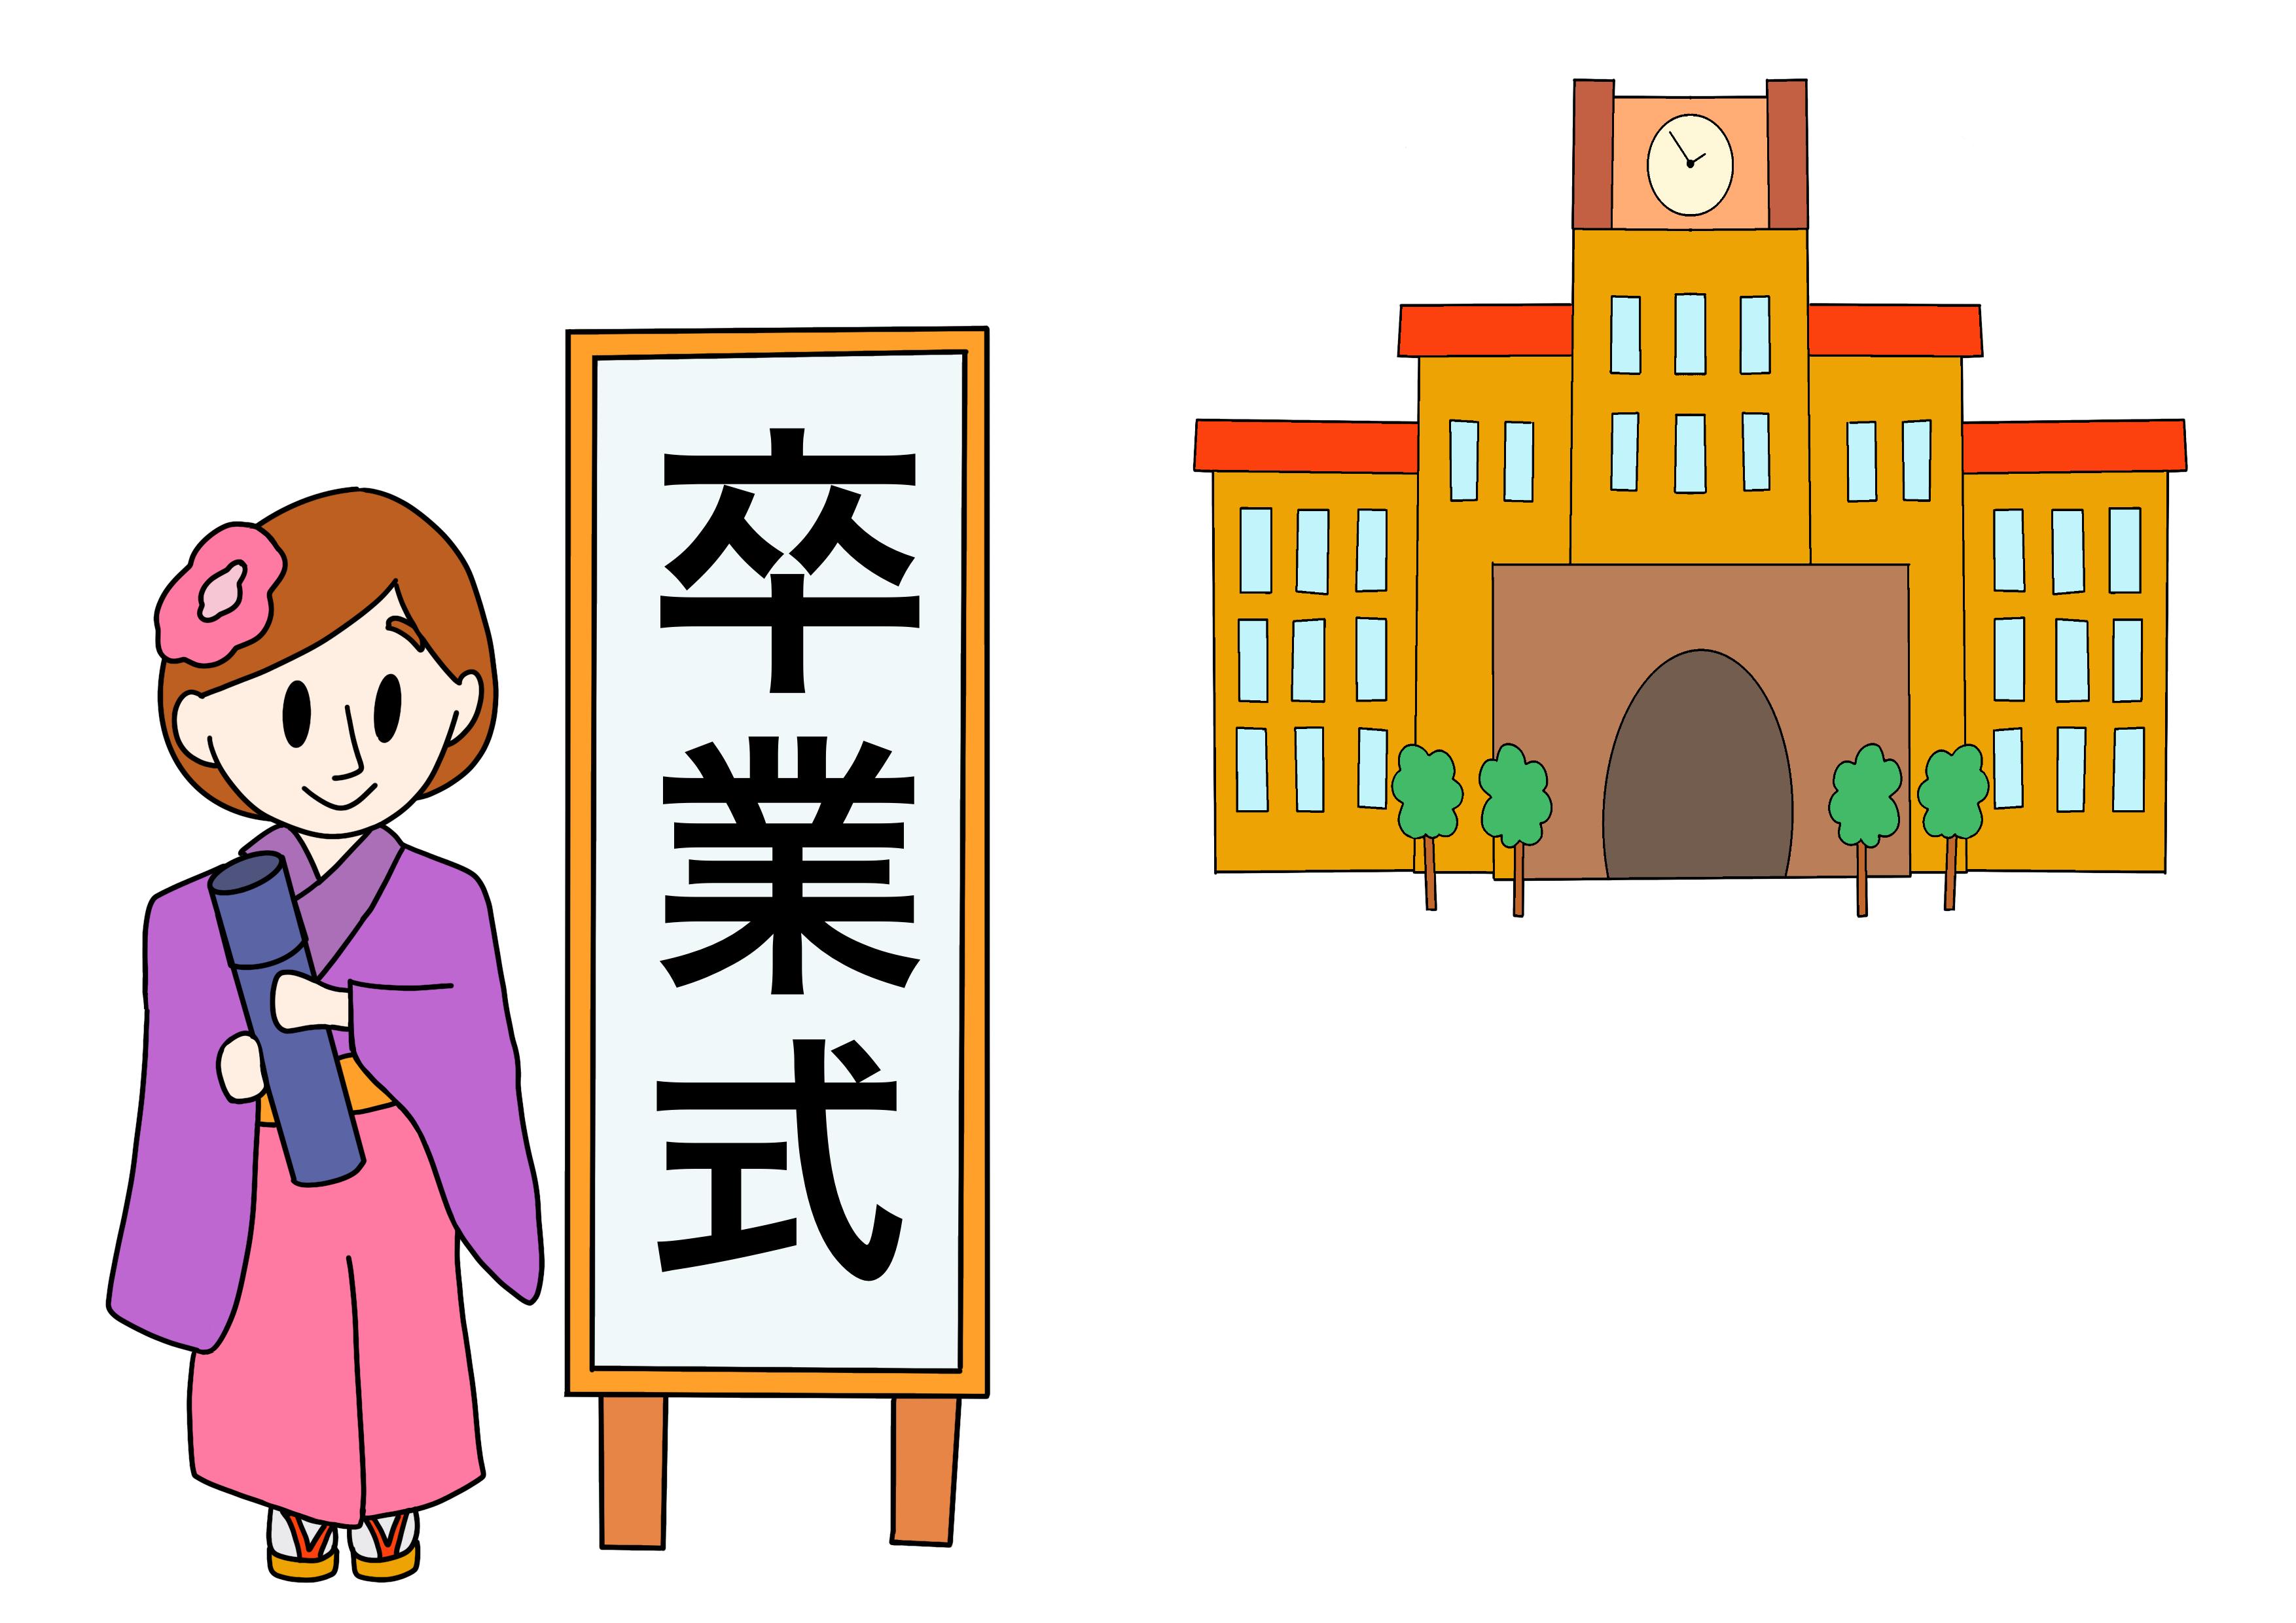 46課イラスト【卒業する/卒業式】